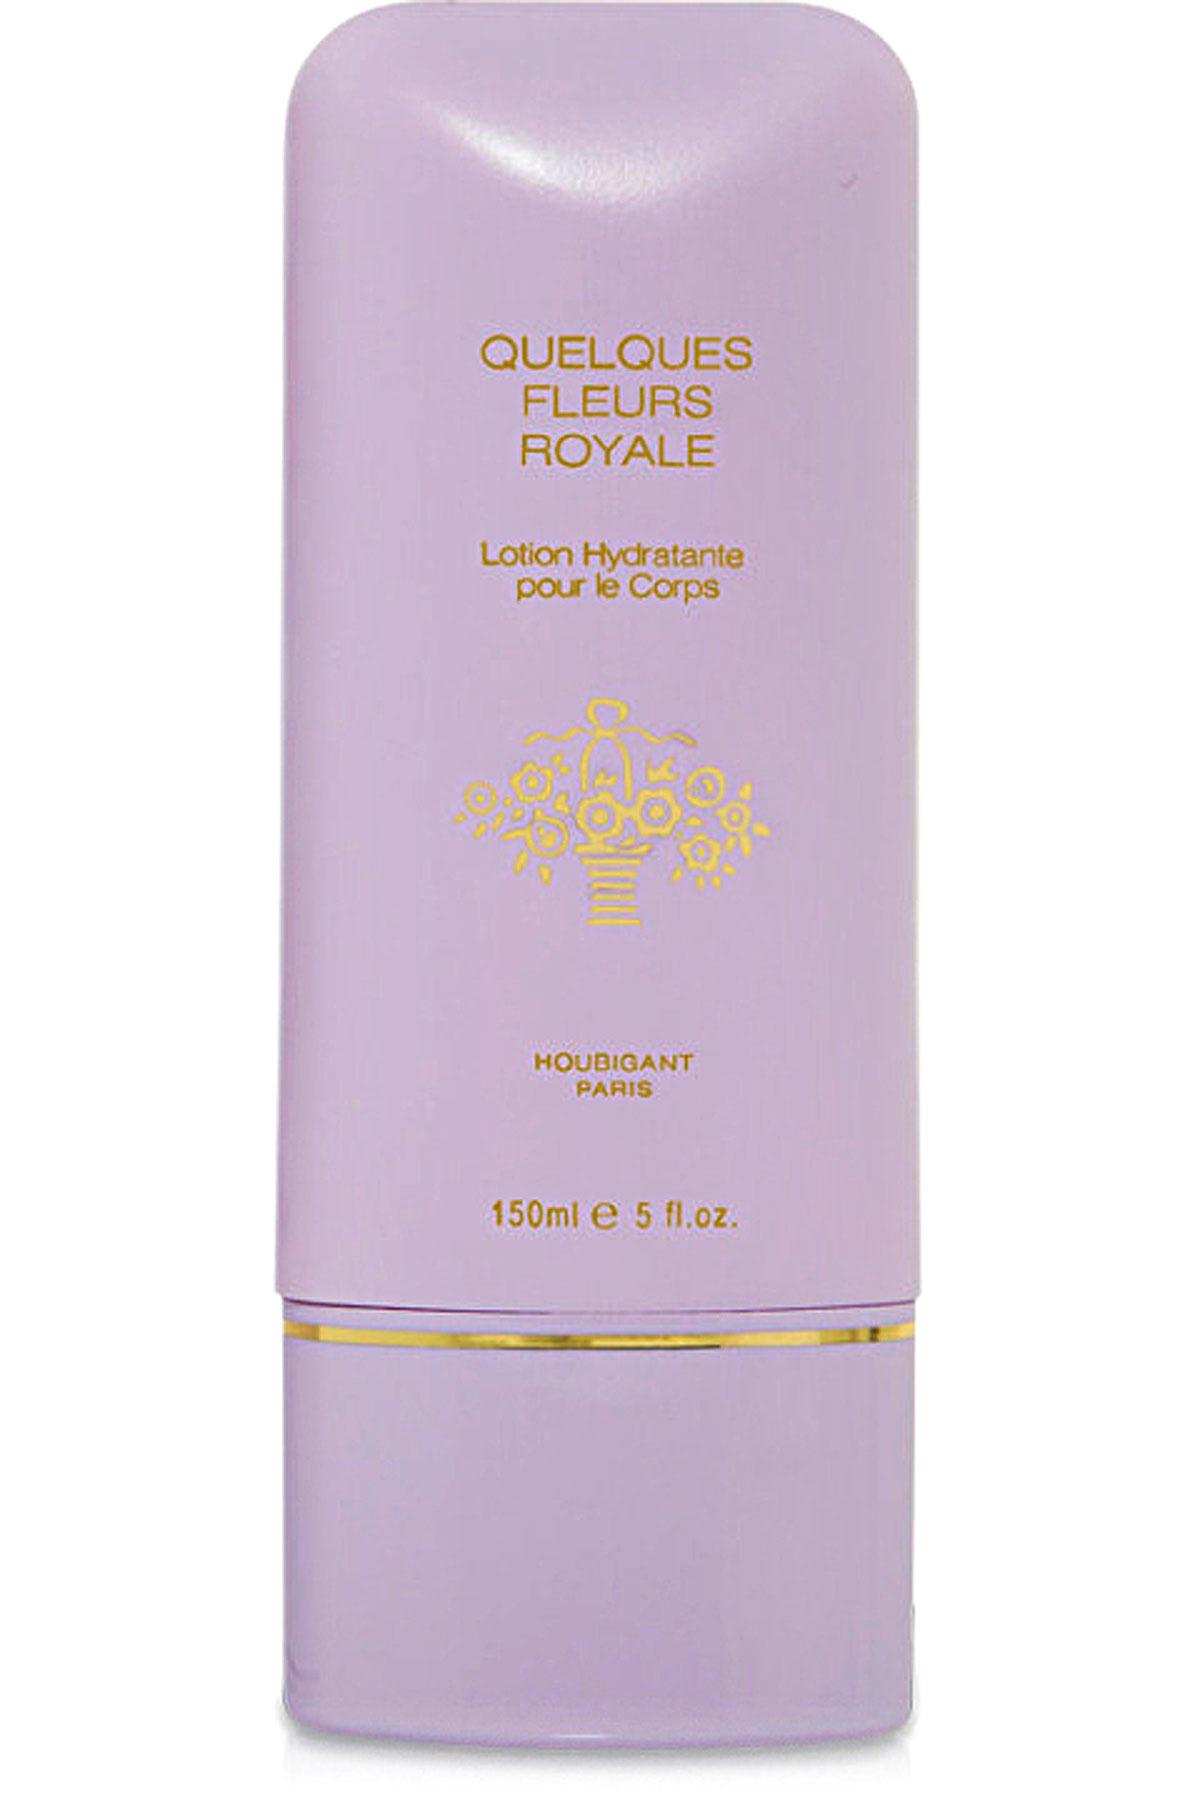 Houbigant Paris Beauty for Women, Quelques Fleurs Royale - Body Lotion - 150 Ml, 2019, 150 ml